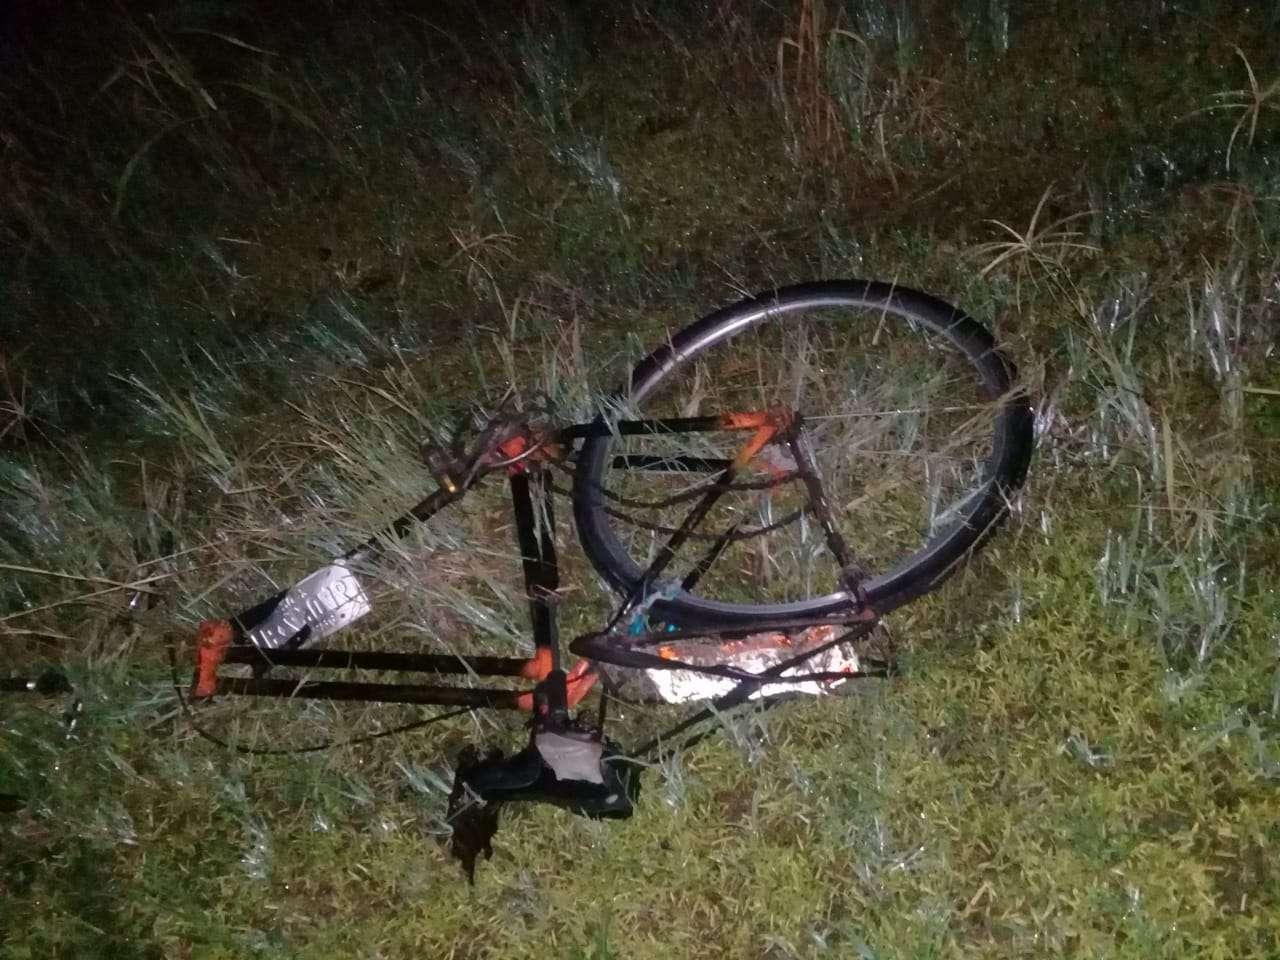 La bicicleta quedó partida en varios pedazos. Foto: Mayra Madrid